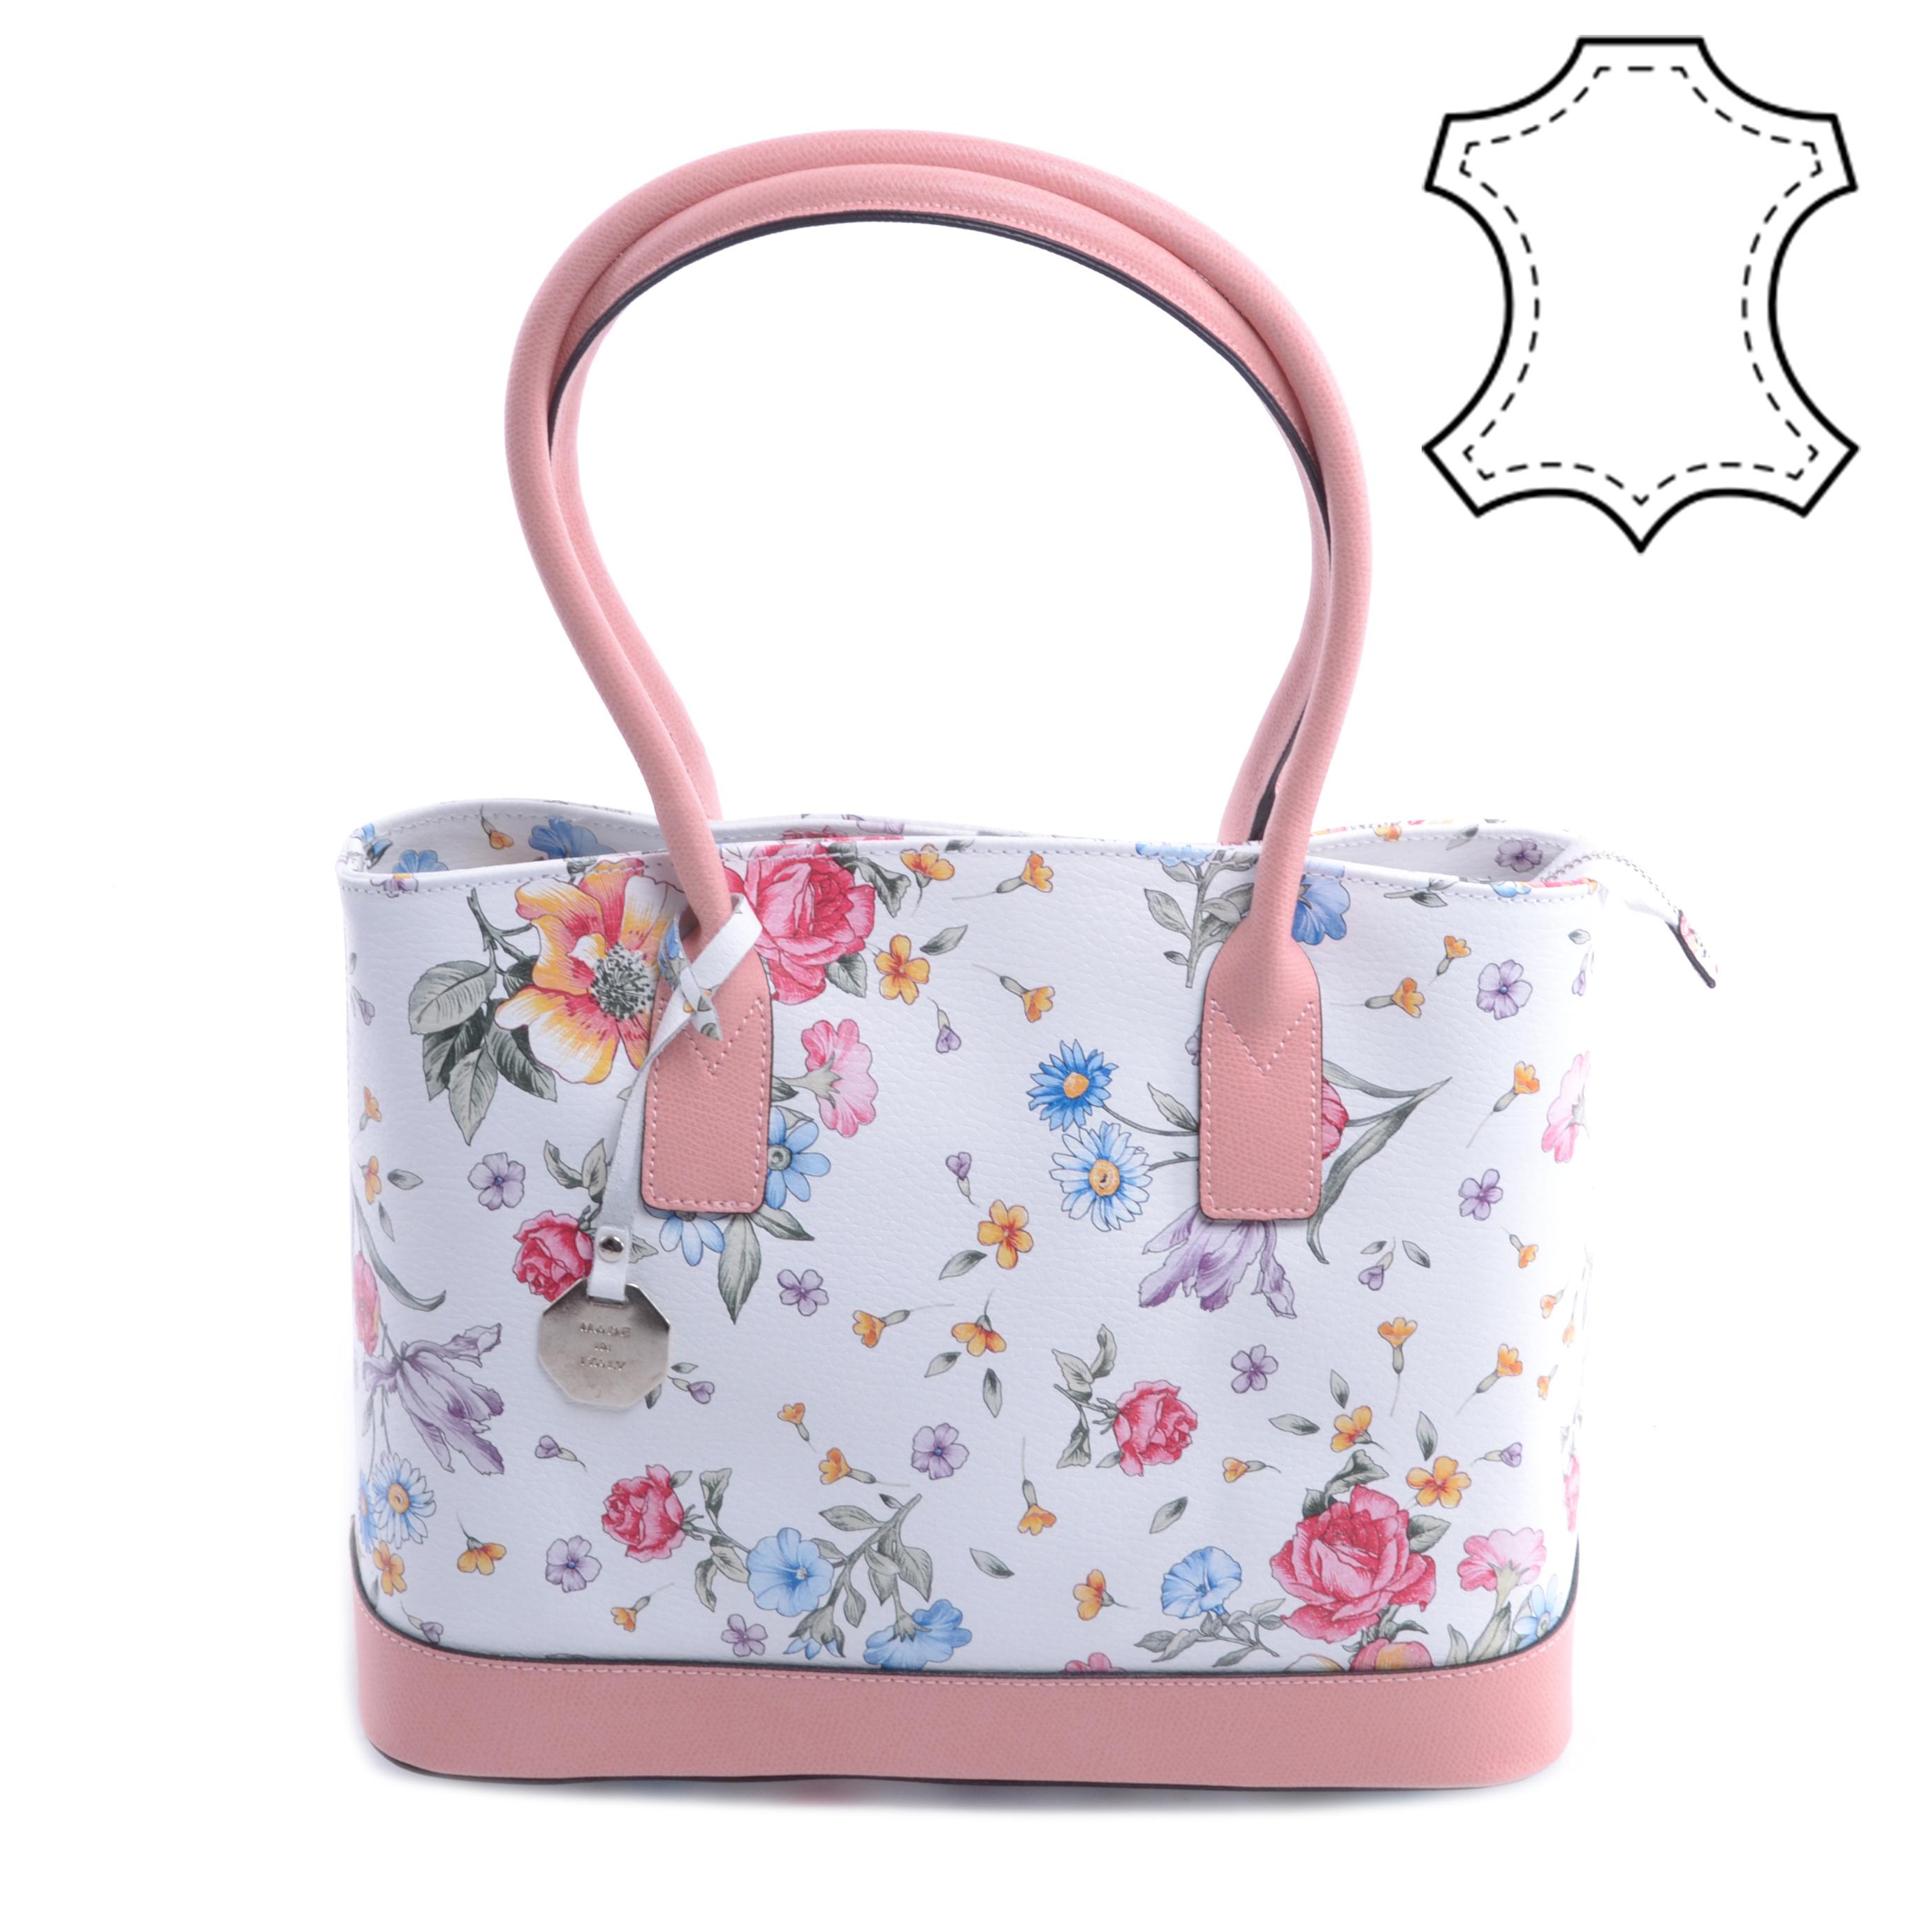 Virág Mintás Valódi Bőr Oldaltáska - Válltáskák - Táska webáruház -  Minőségi táskák mindenkinek 84bf1a22b3